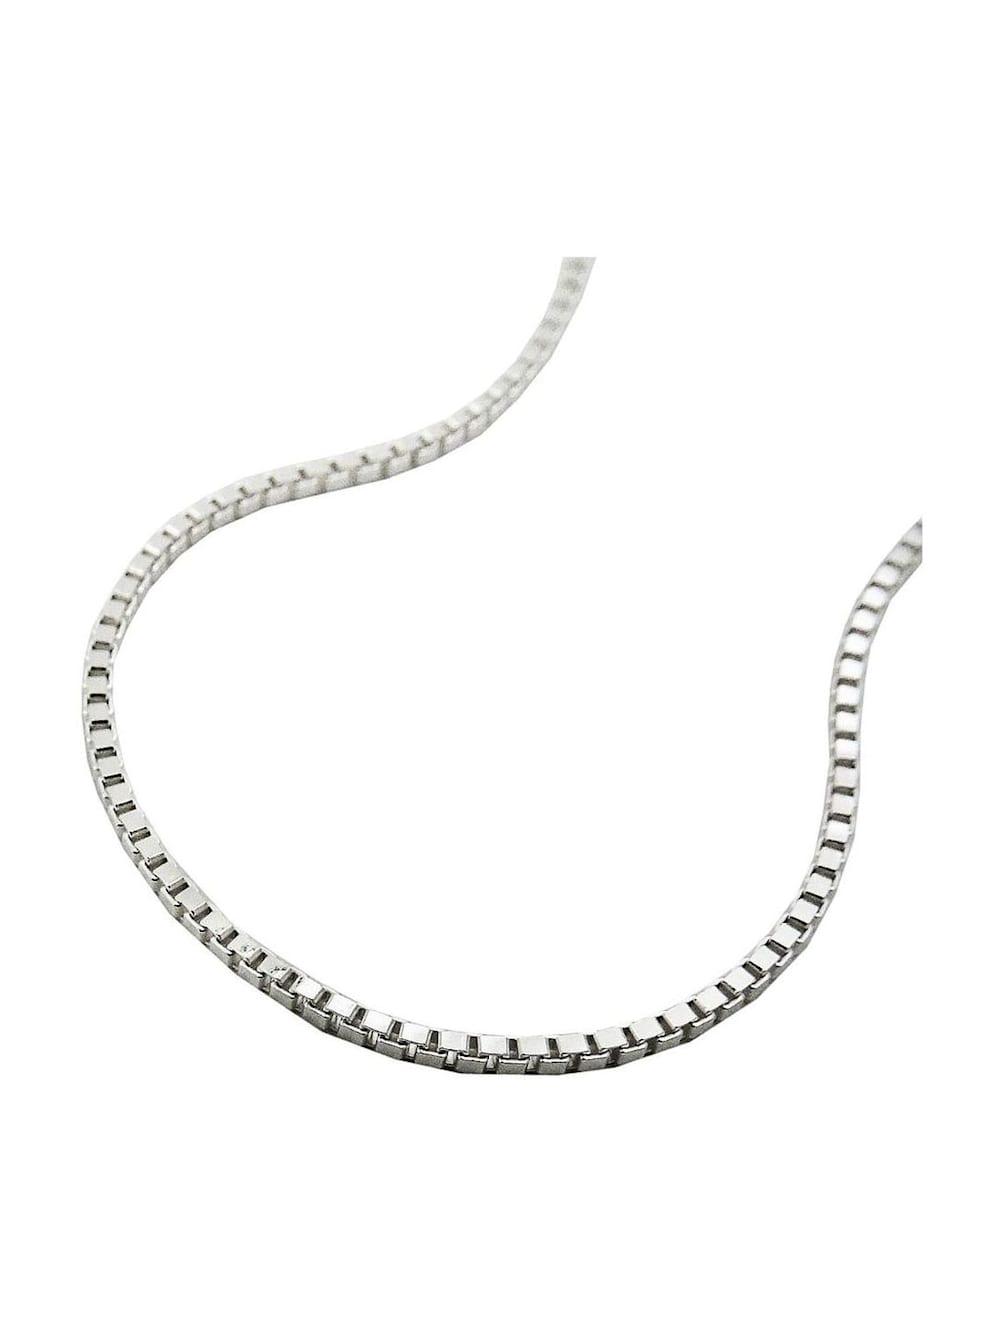 Gallay Schmuckgroßhandel Kette 1mm Venezianerkette glänzend Silber 925 38cm | Klingel